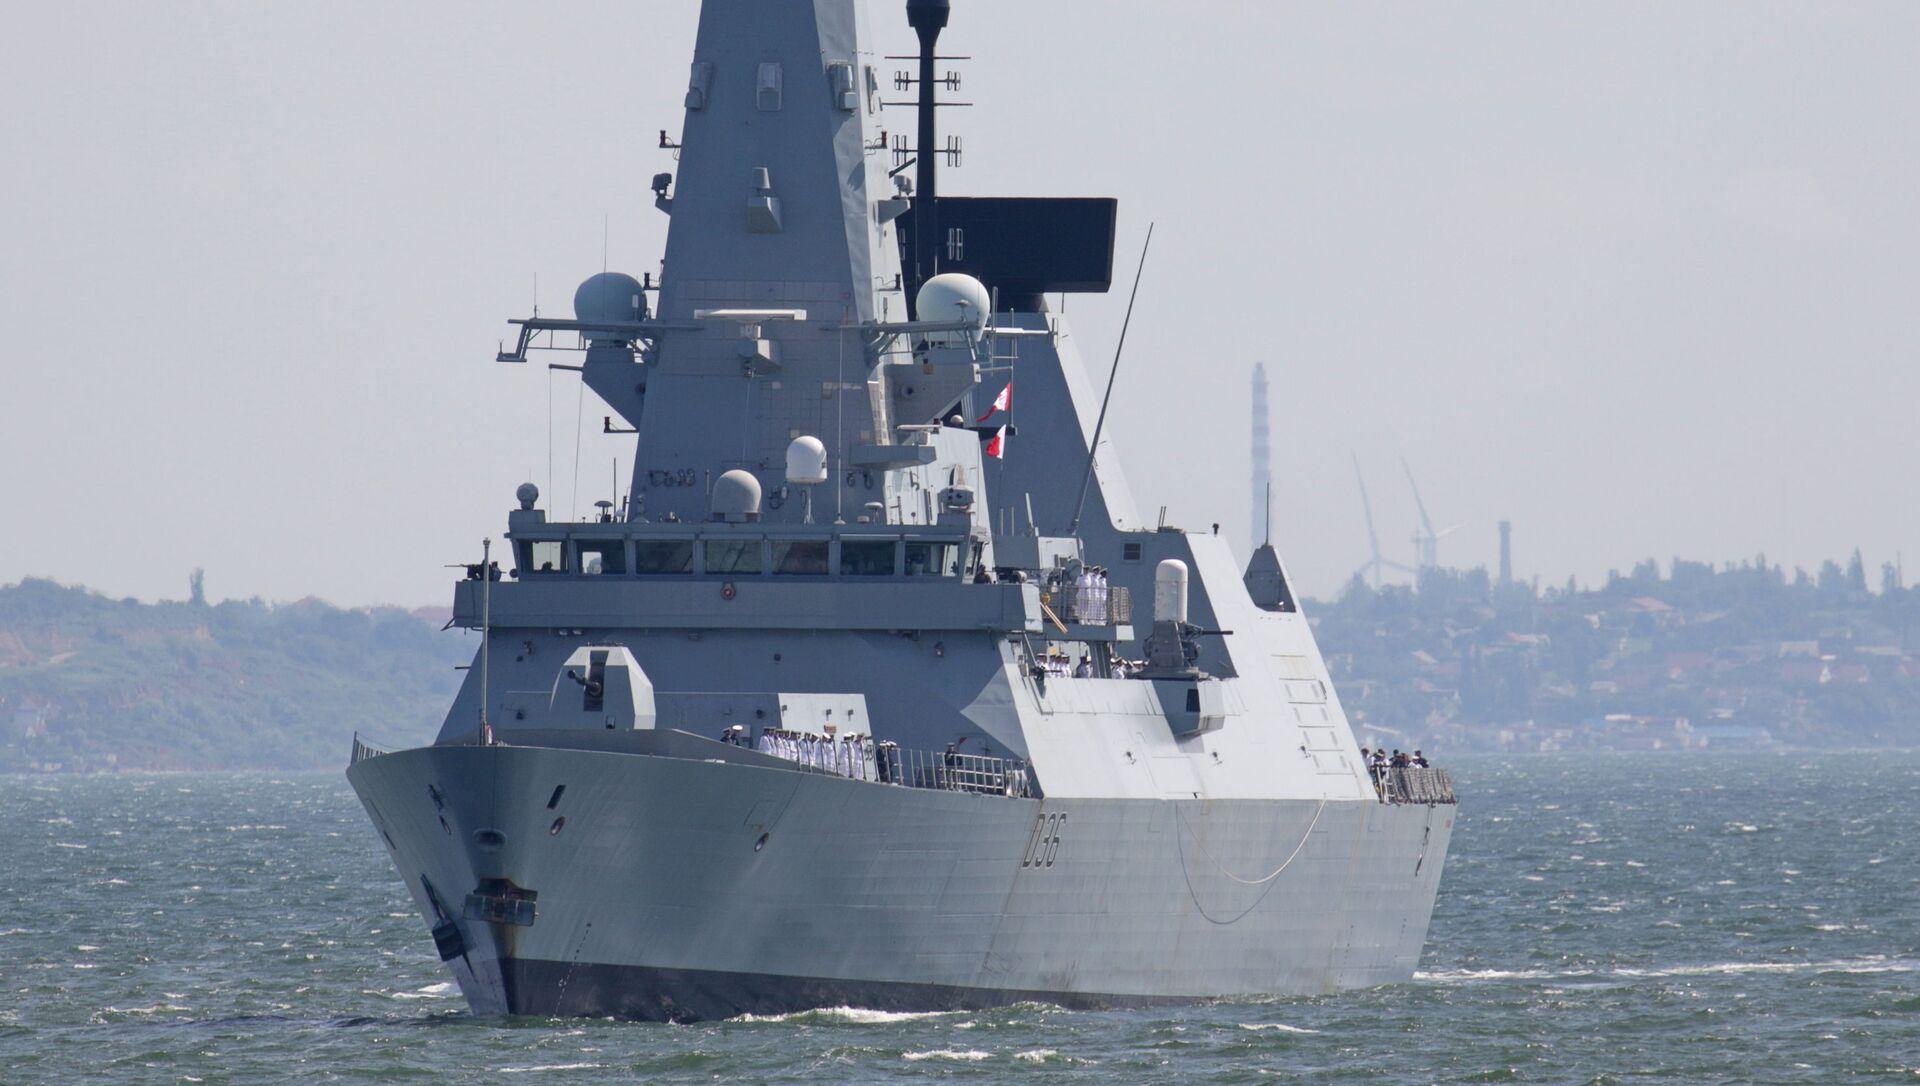 Британский эсминец HMS Defender - Sputnik Беларусь, 1920, 24.06.2021